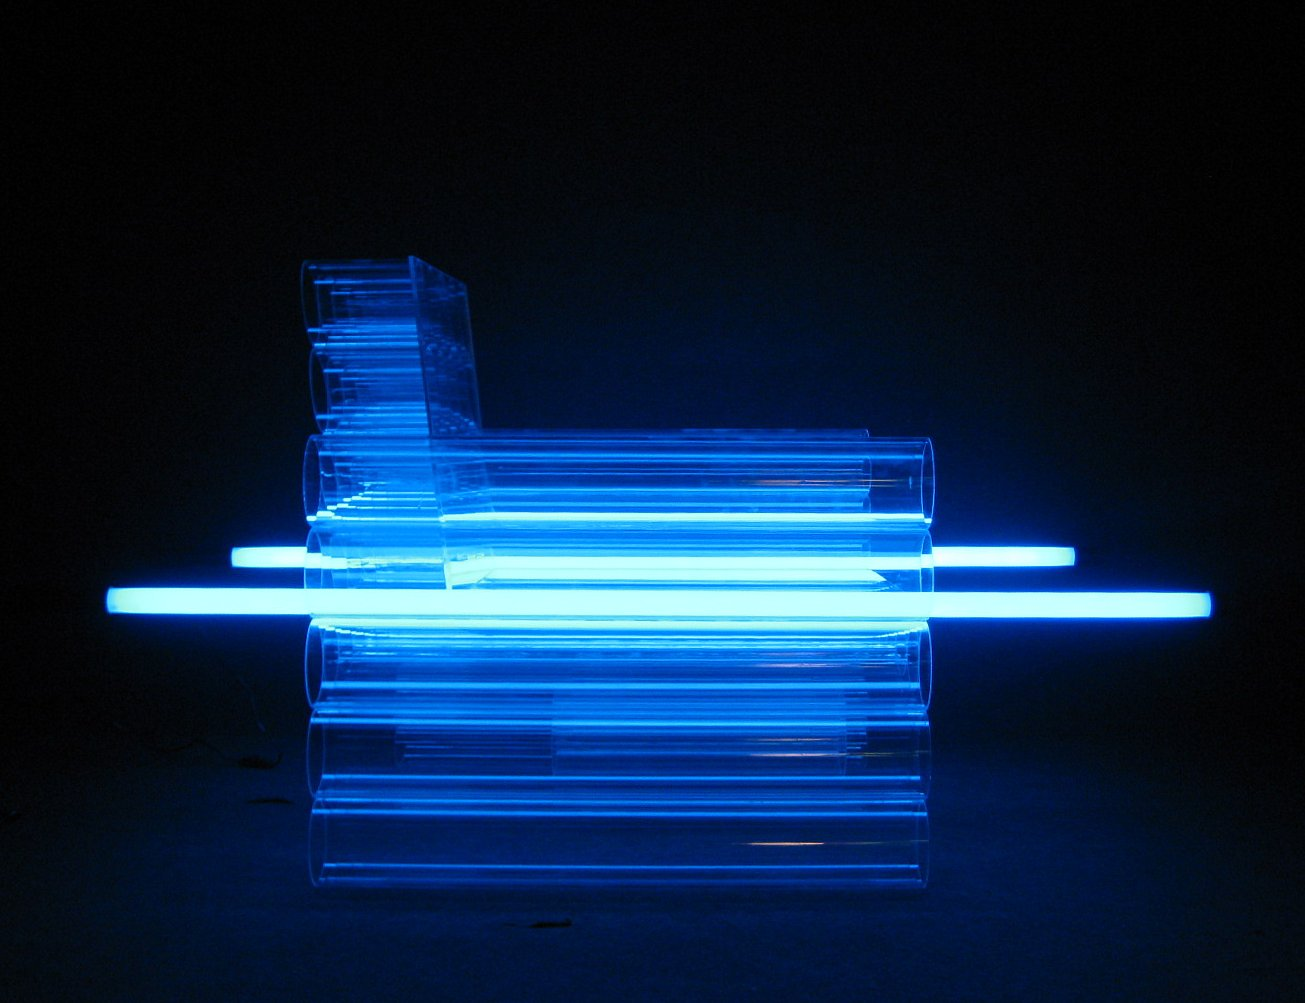 auktion manfred kielnhofer lichtobjekt sessel modell interlux f r interlux. Black Bedroom Furniture Sets. Home Design Ideas